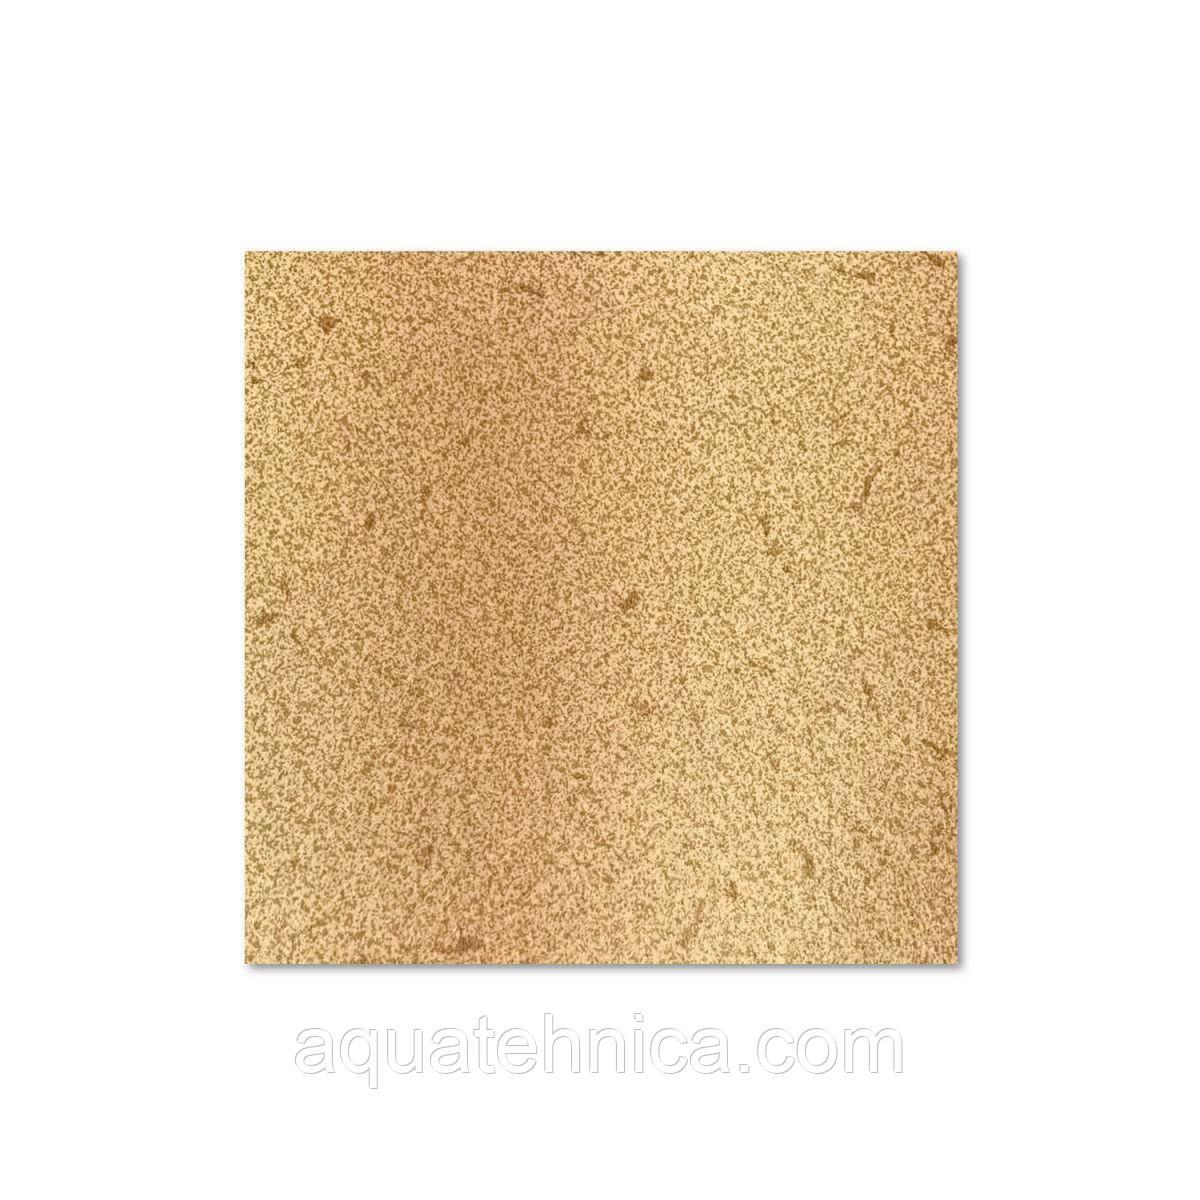 Пленка ПВХ для бассейна Cefil Terra песочный (объемная текстура)